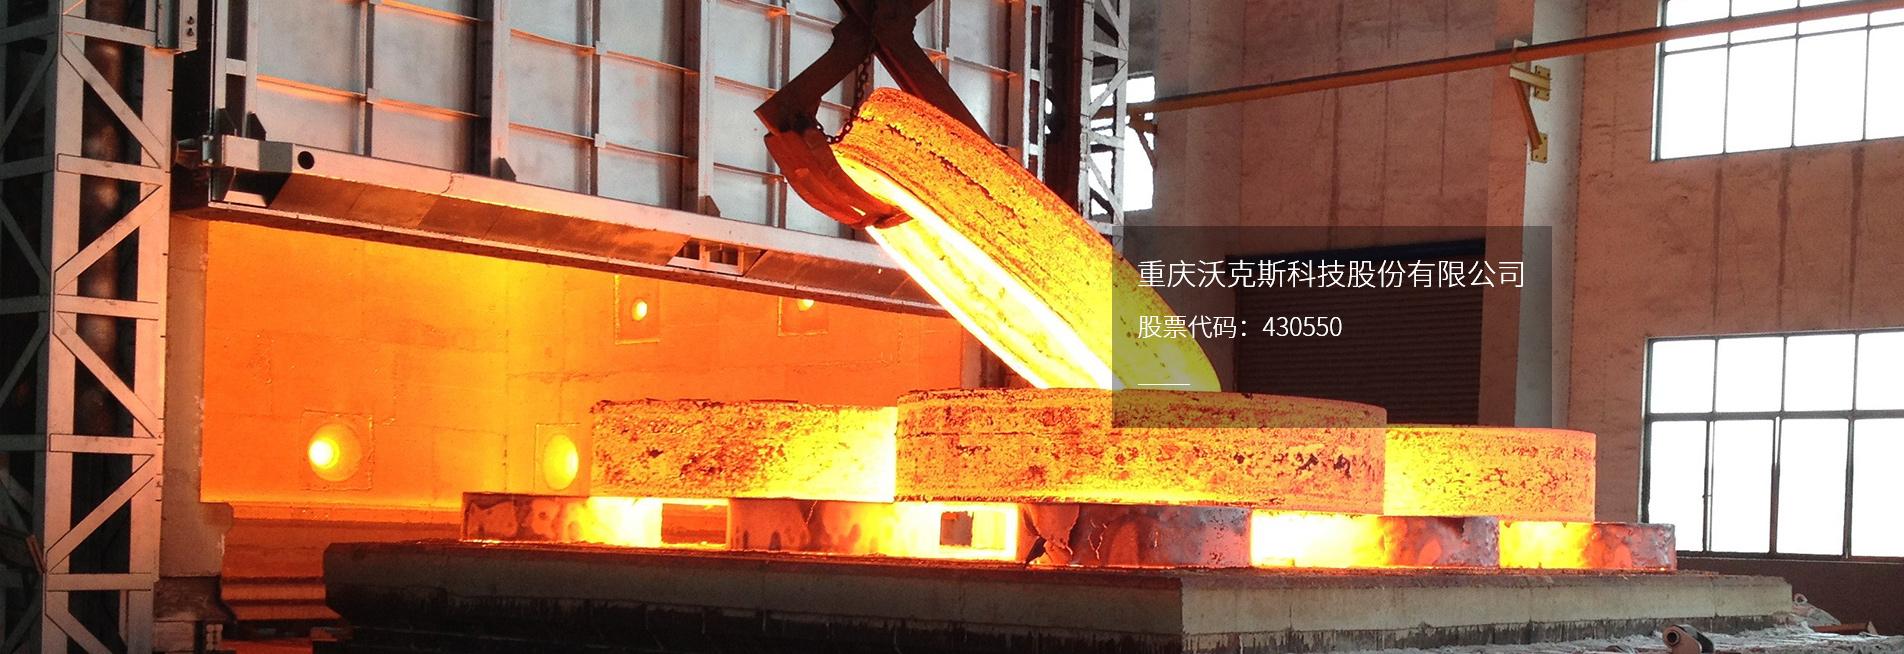 蓄热式高精度工业炉